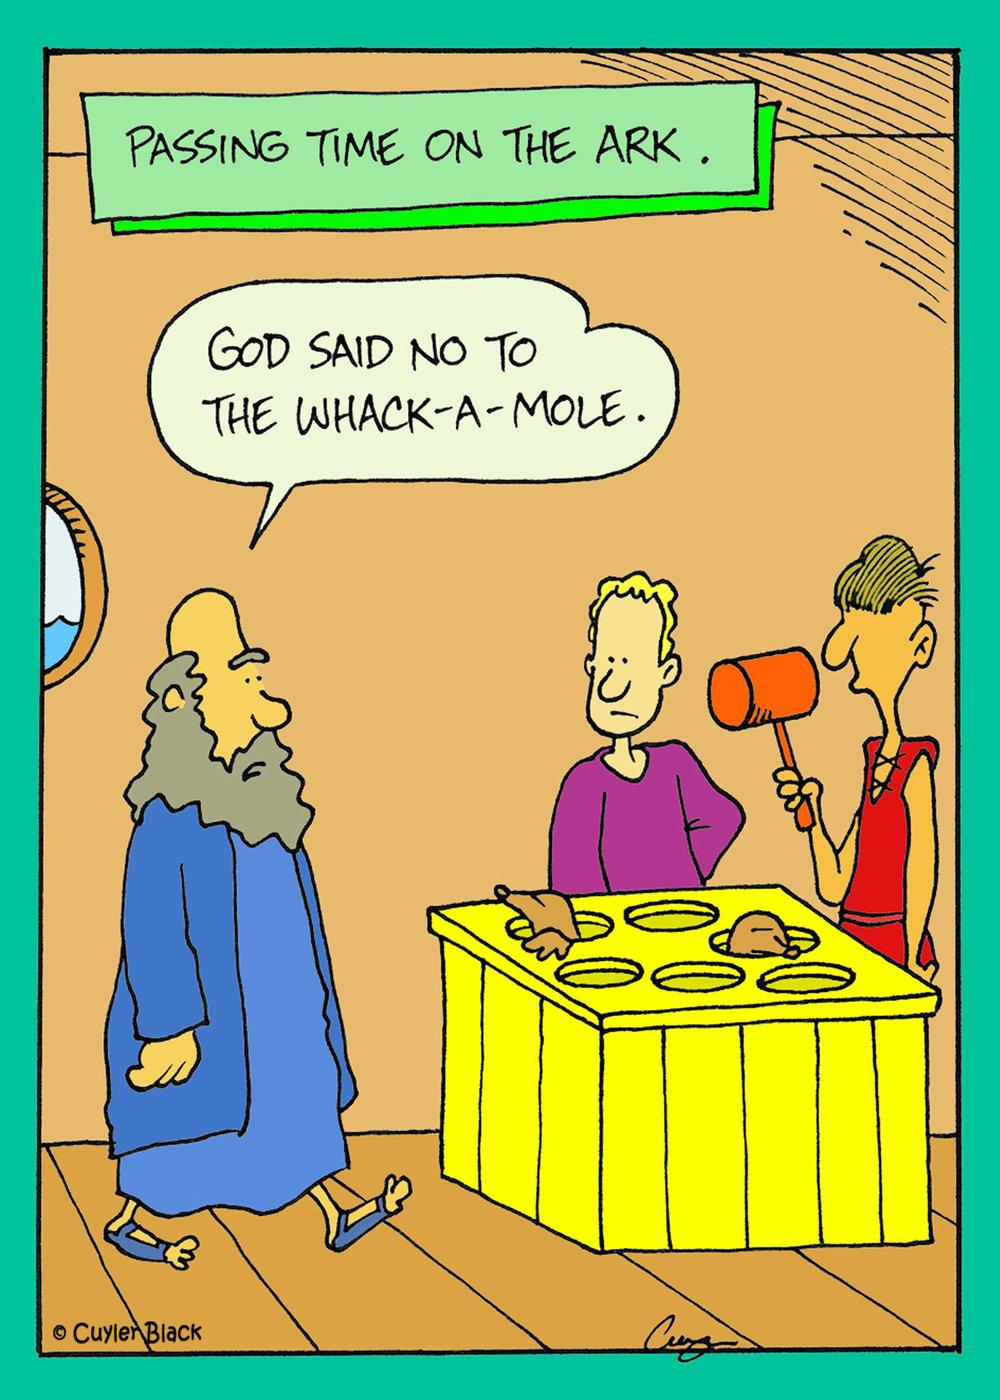 whack-a-mole.jpg